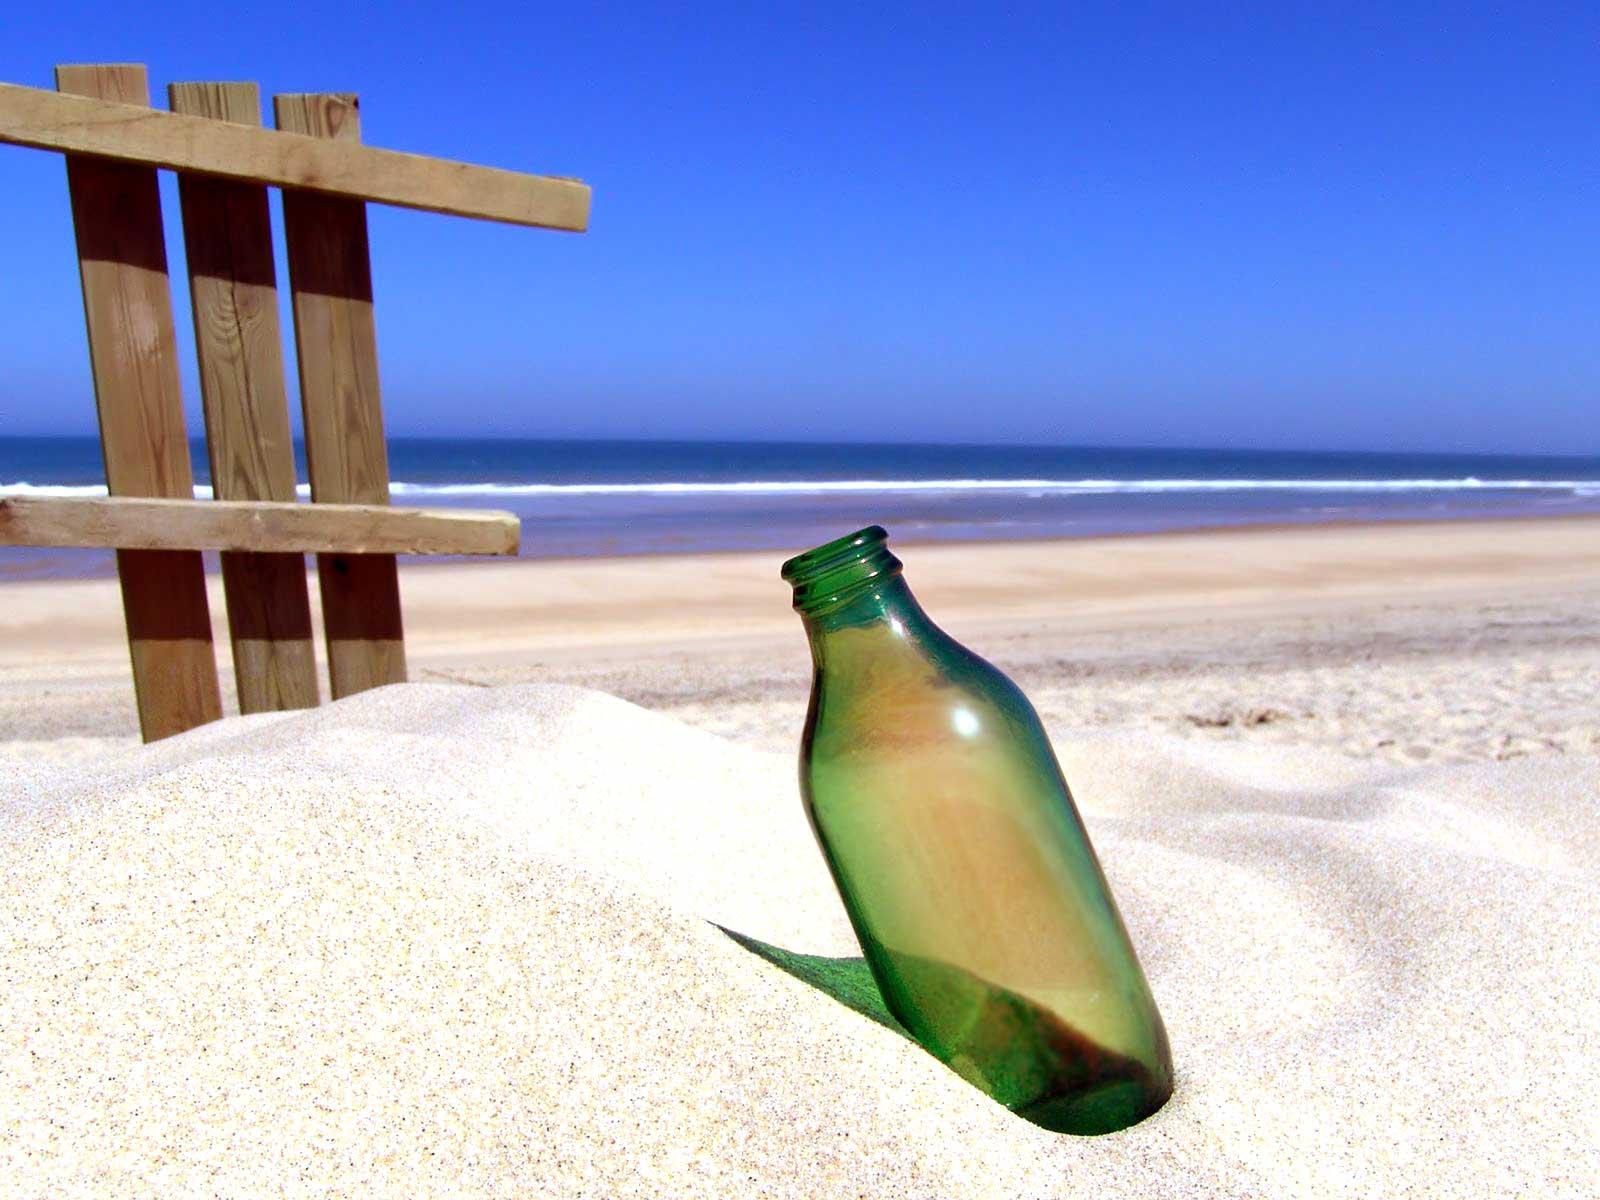 http://3.bp.blogspot.com/-lqjiaAQy750/T6pZjJ_o9XI/AAAAAAAABnw/Hoydd-luCuk/s1600/The-best-top-desktop-beach-wallpapers-hd-beach-wallpaper-37.jpg